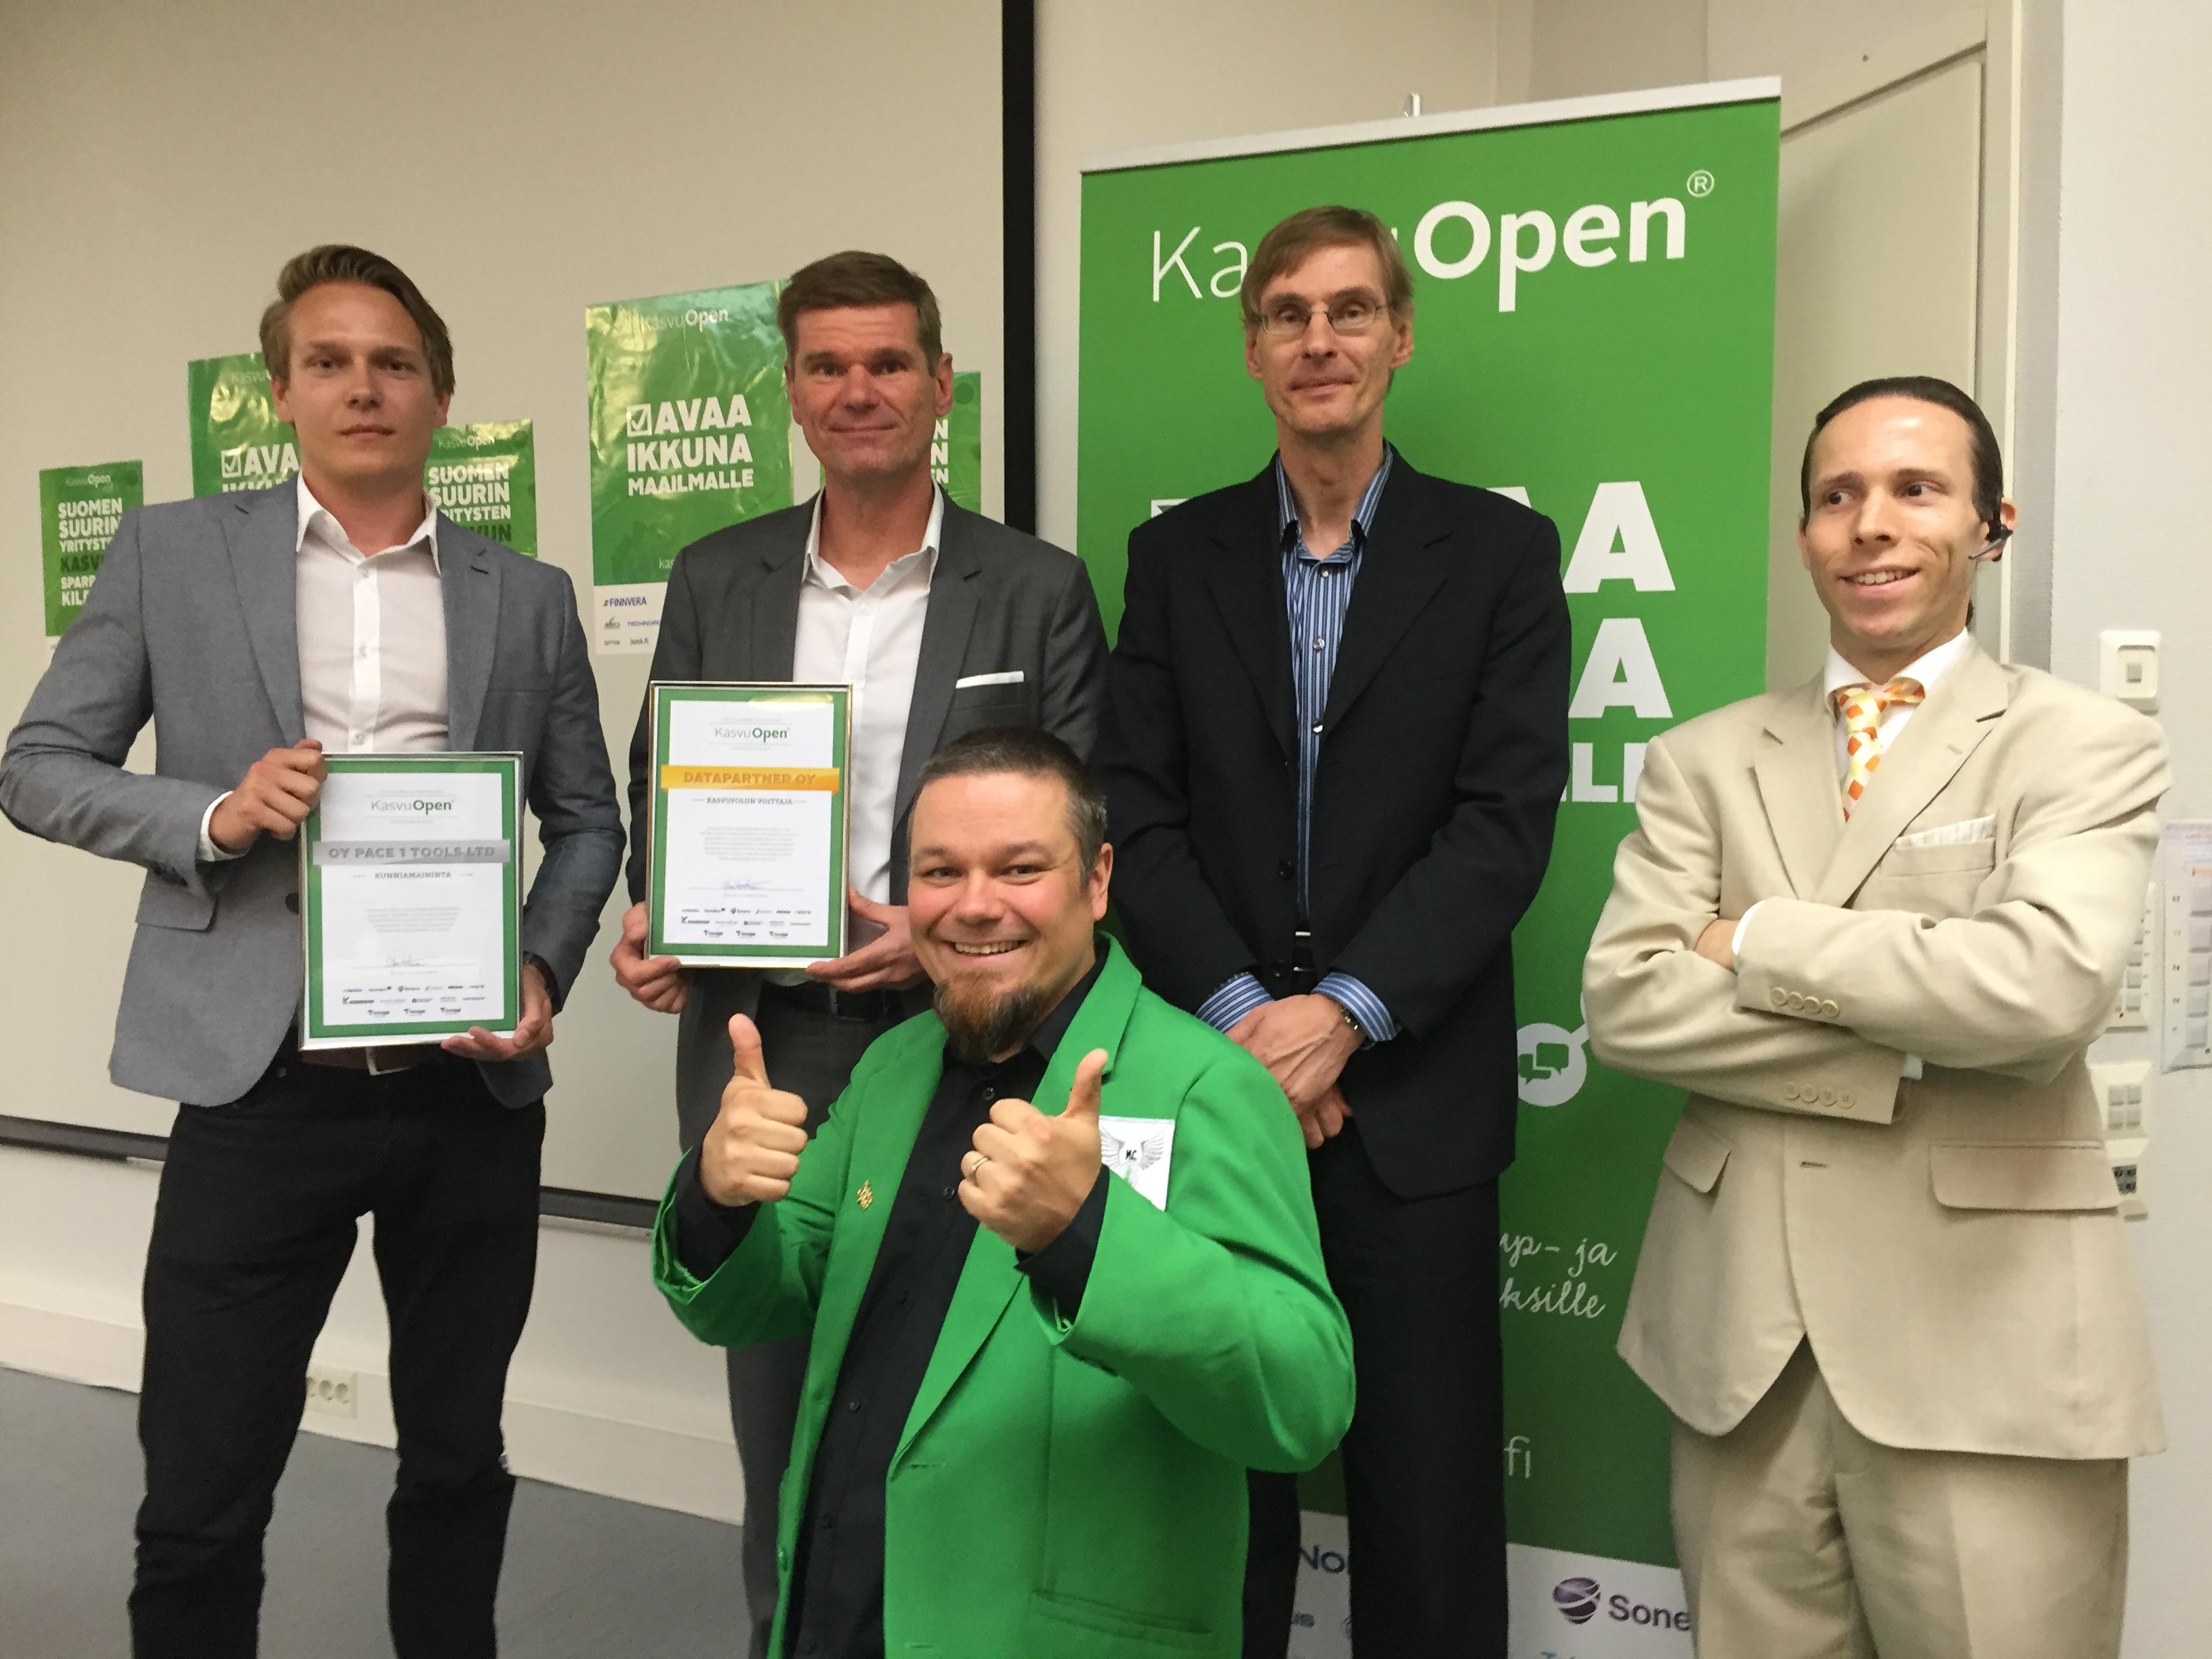 Kasvu Open voittajat 2016